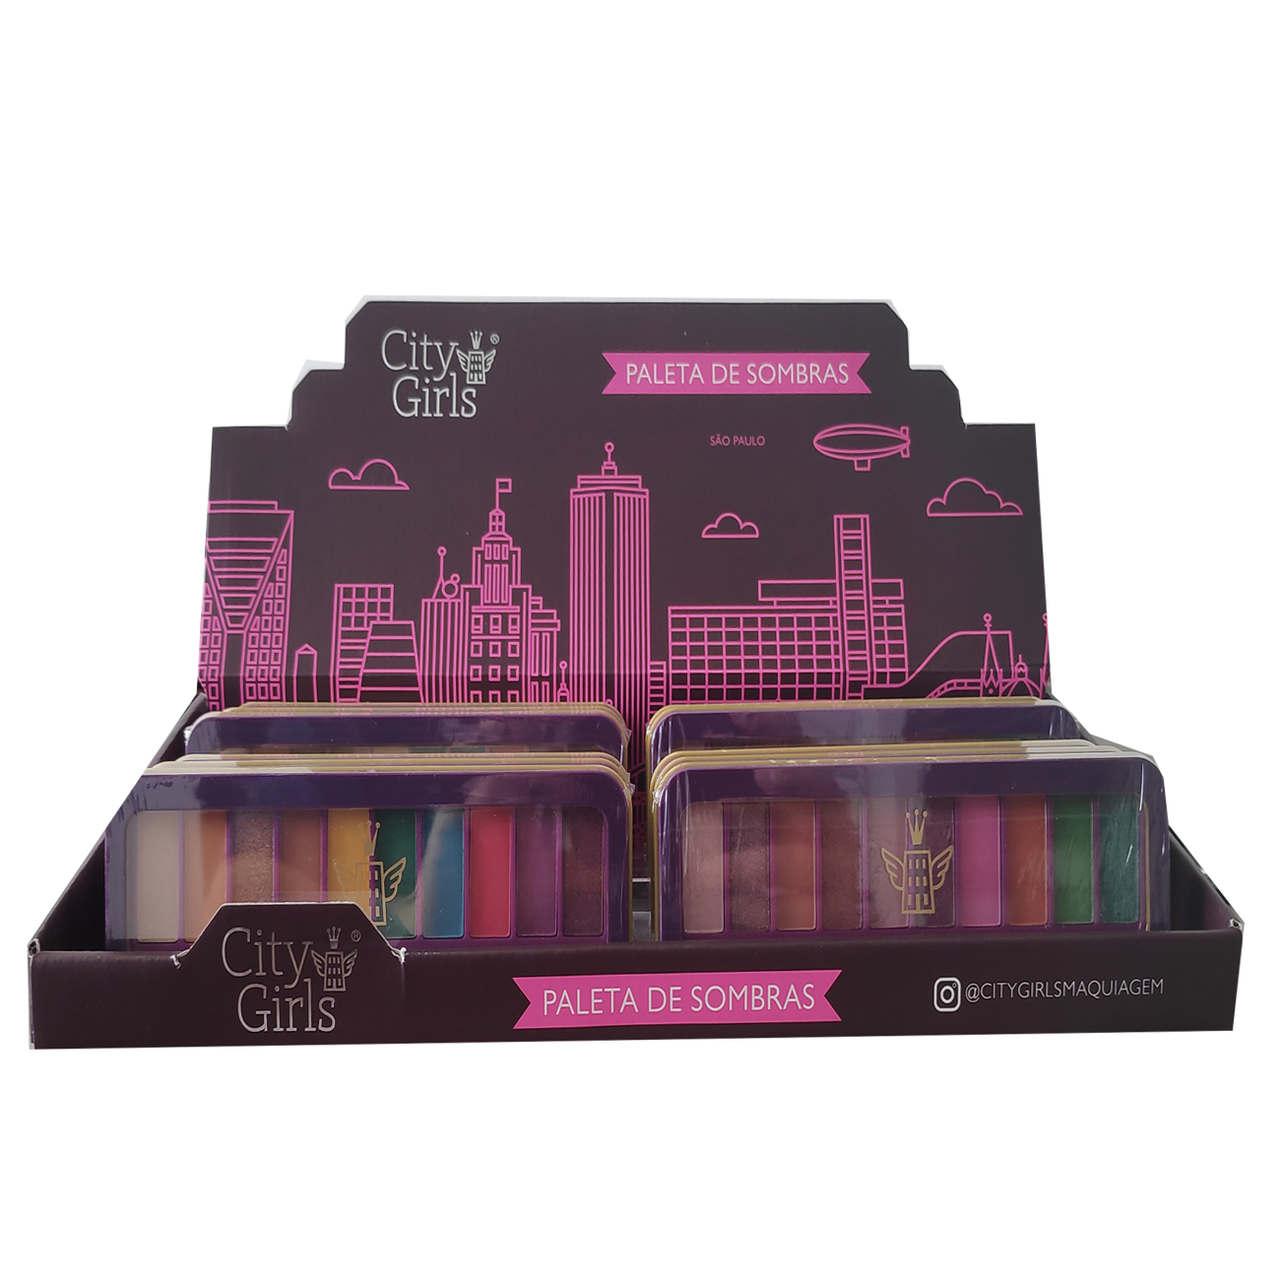 Paleta de Sombras Charming Collection City Girls - Display com 12 unidades - CG205 Atacado